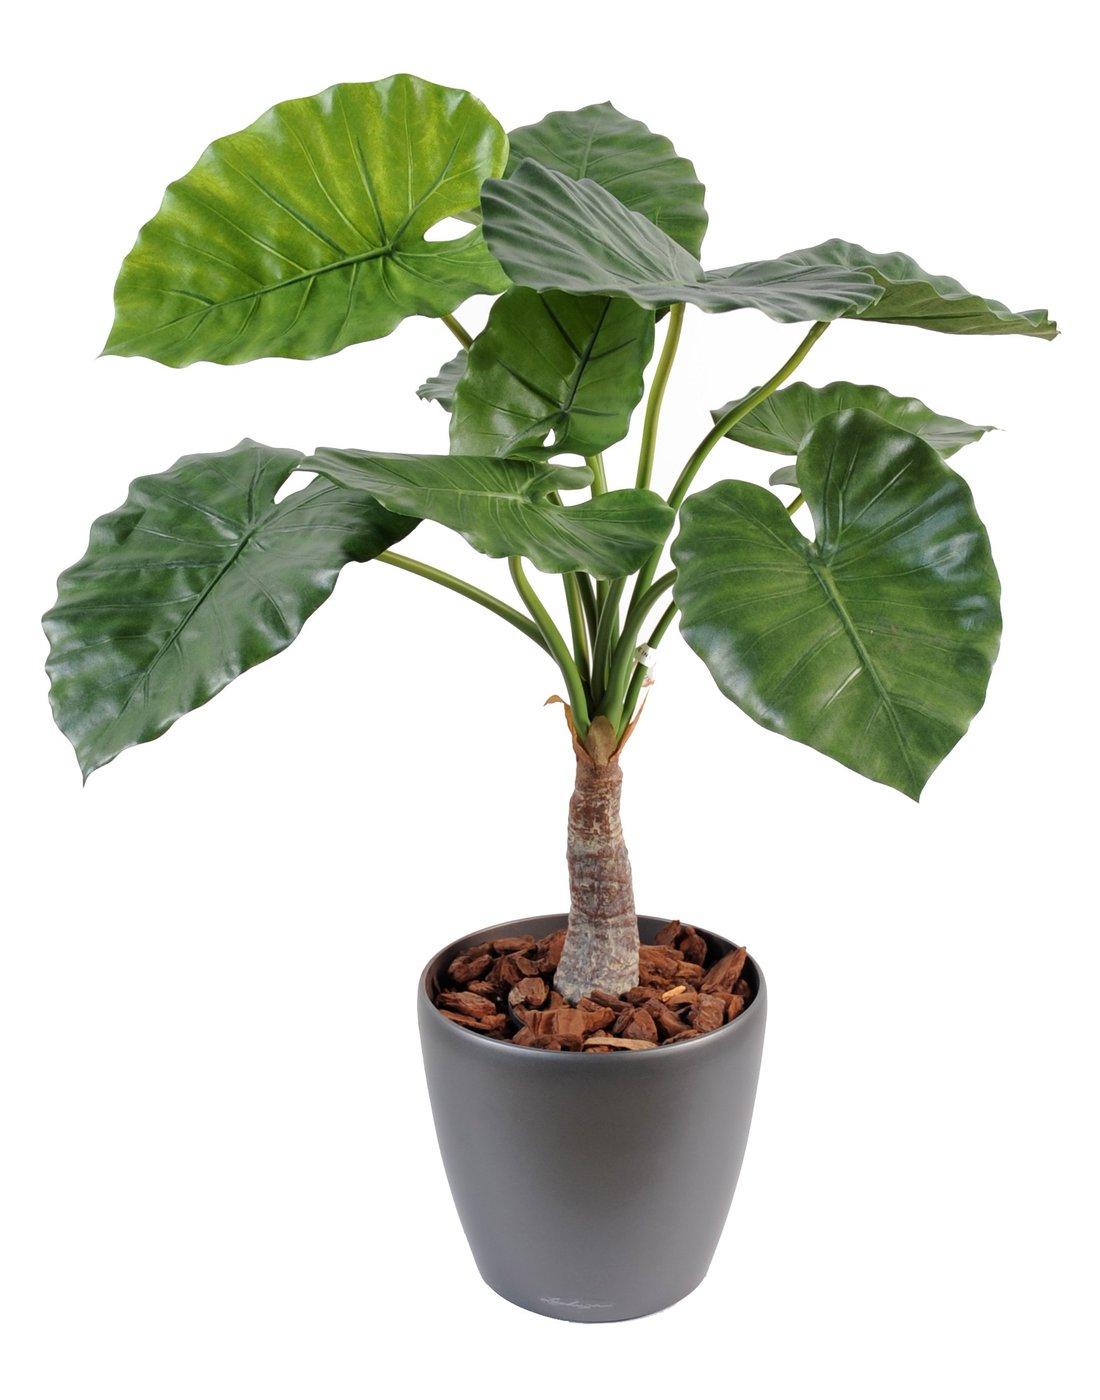 jardim vertical o que e : jardim vertical o que e ? Doitri.com